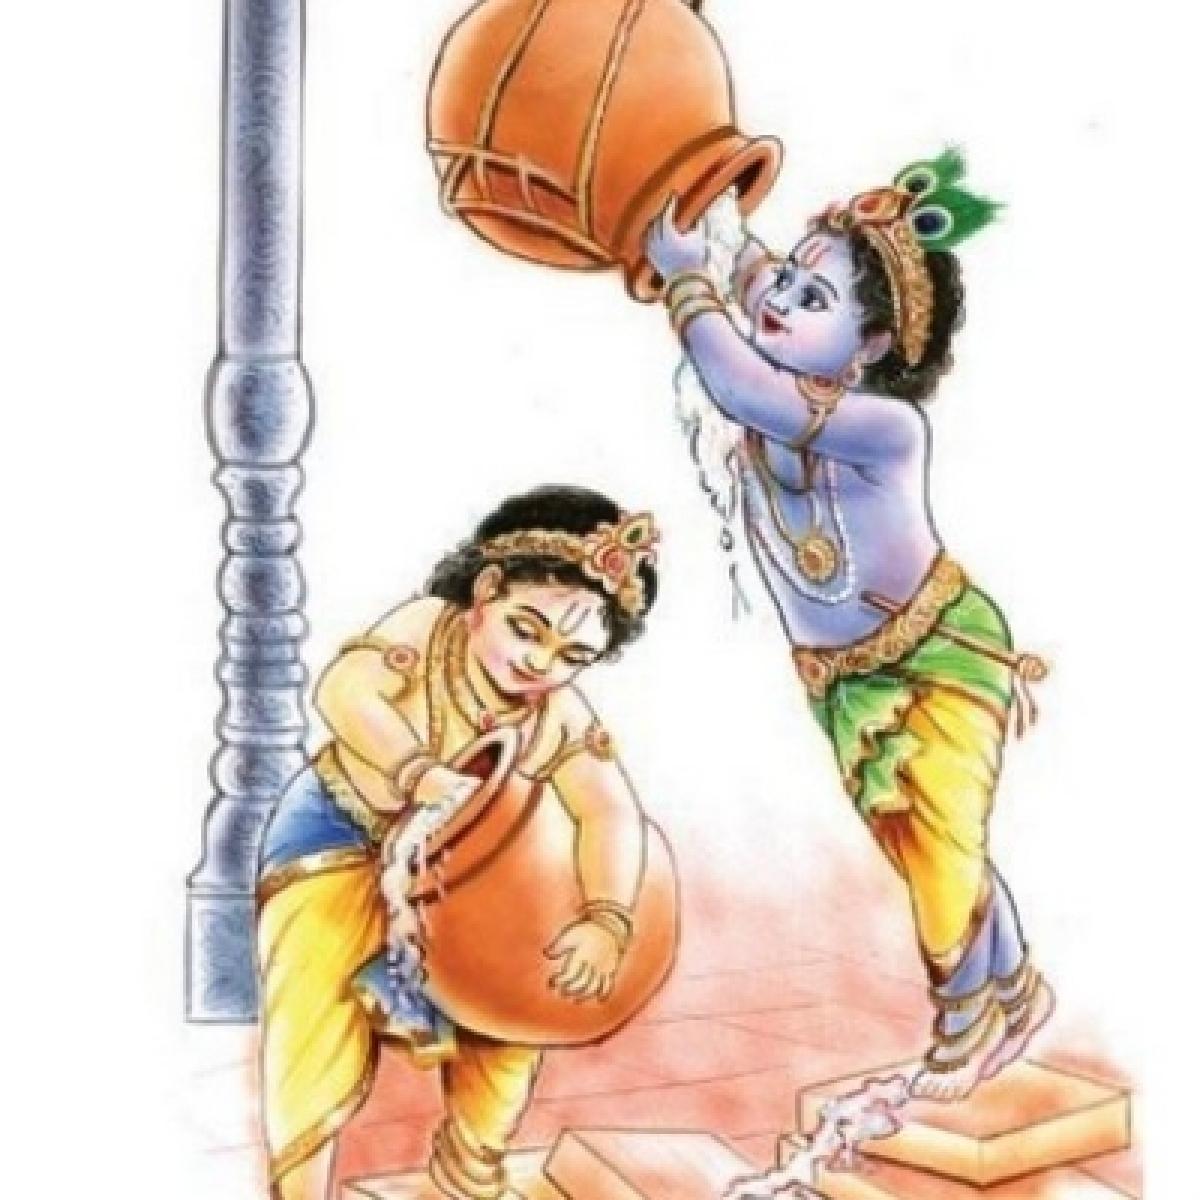 தினம் ஒரு திருப்பாவை - 6 ஆண்டாள் பாடும்... கிருஷ்ணரின் பால லீலைகள்! #MargazhiSpecial